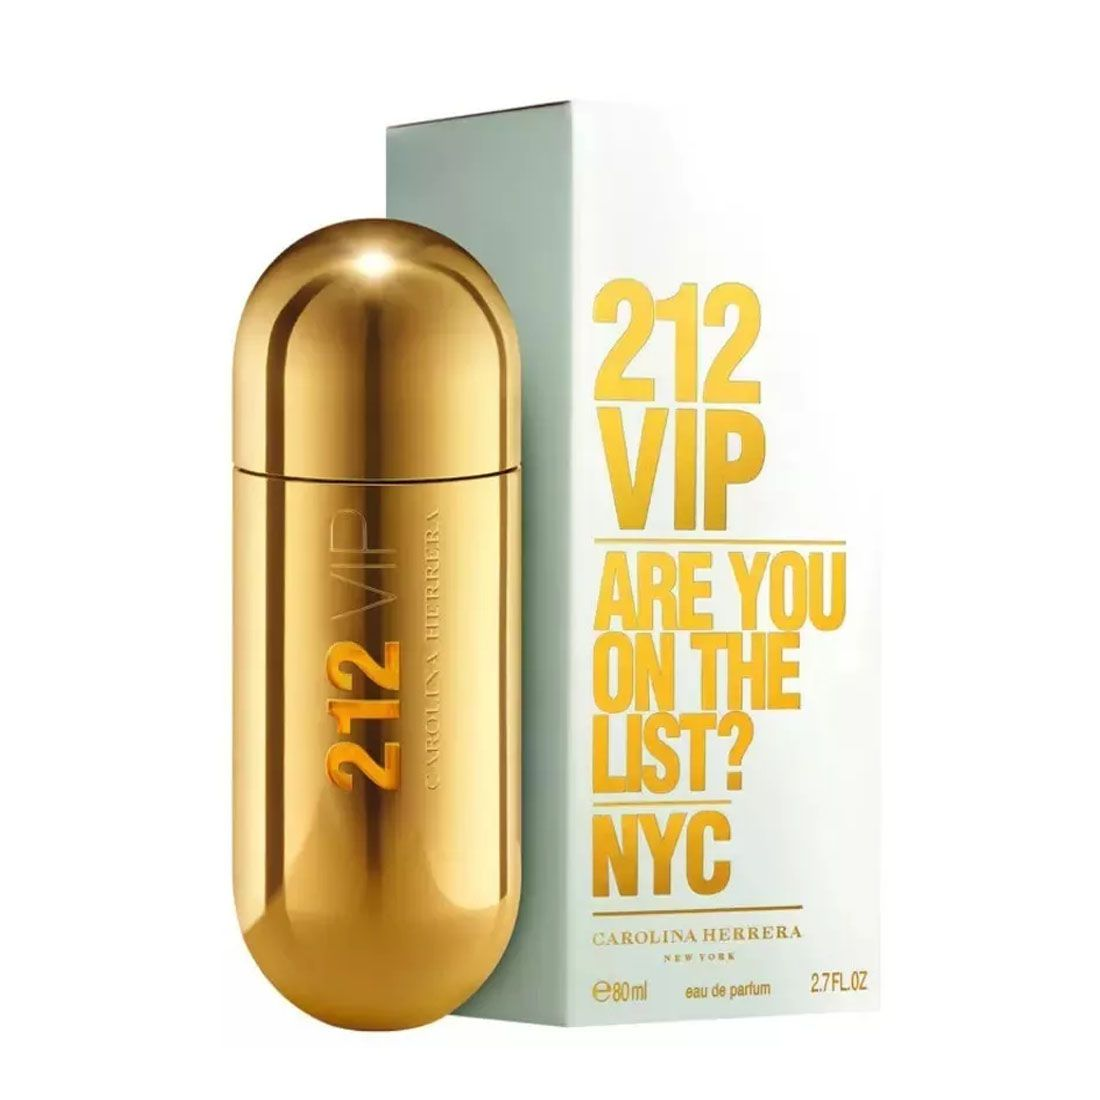 Perfume 212 Vip Eau De Parfum 80ml